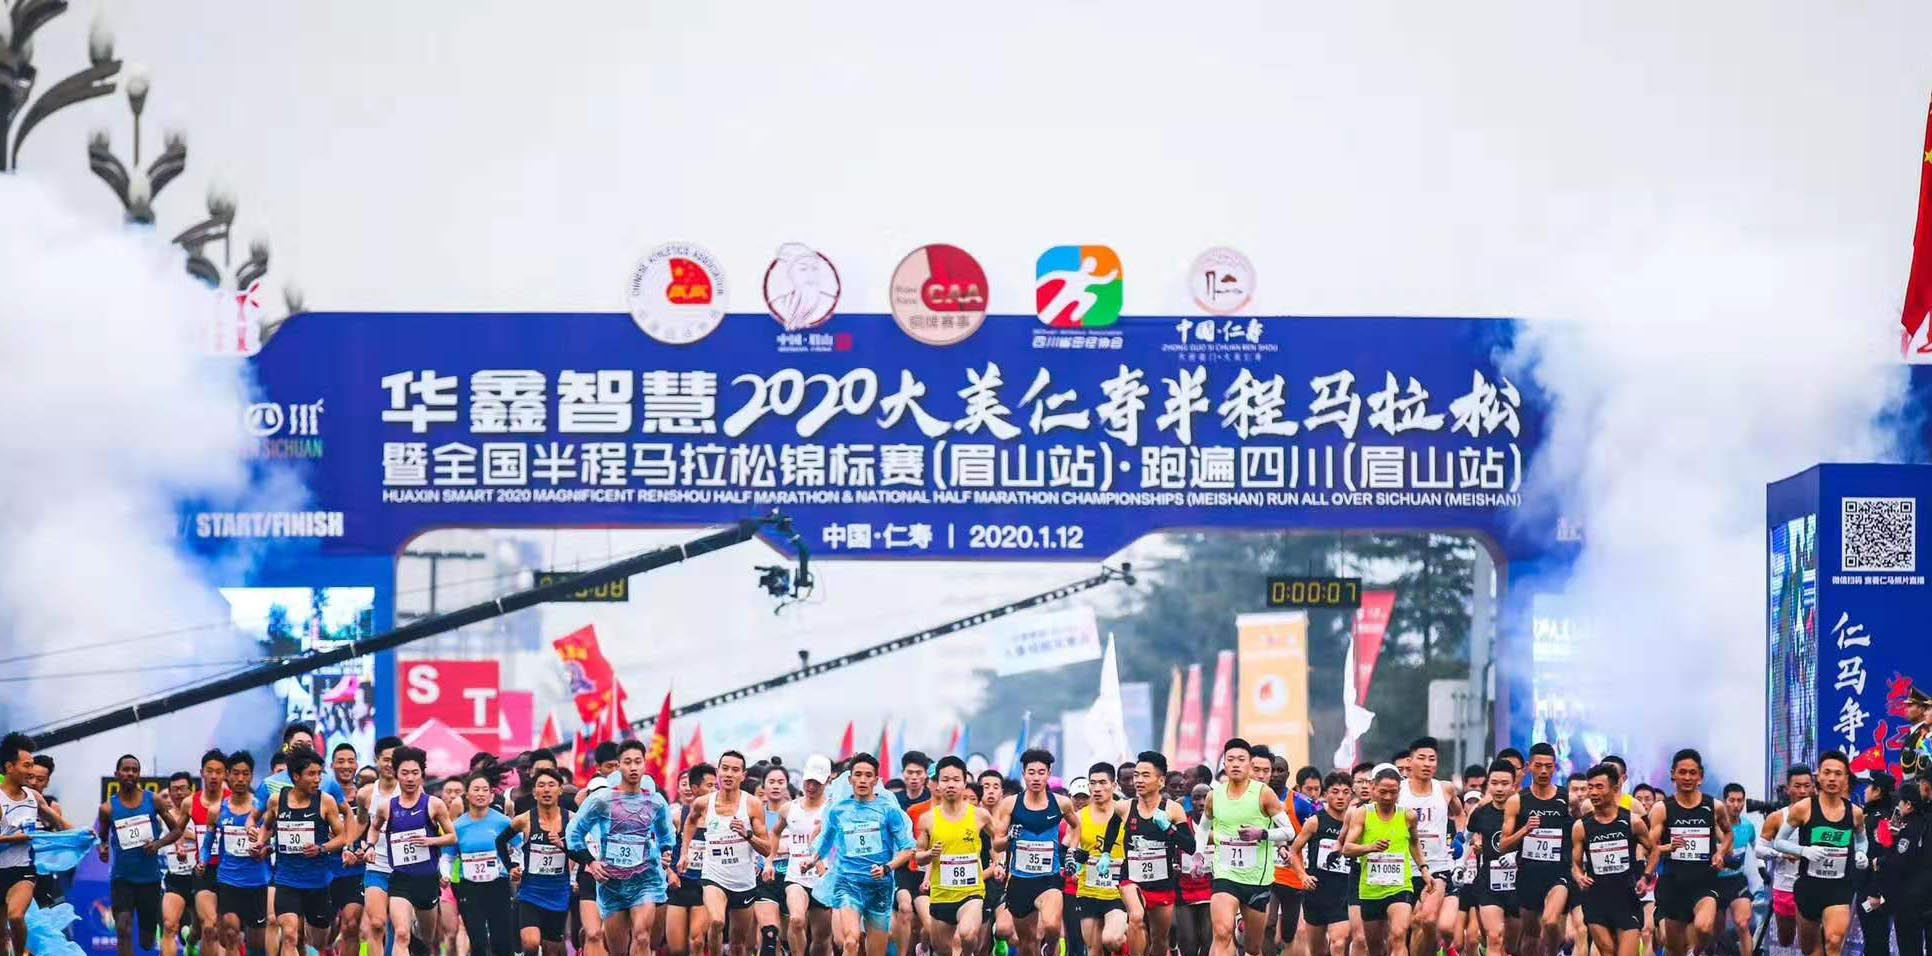 大美仁寿——让跑步成为一种生活习惯:仁寿半马今日热血开跑